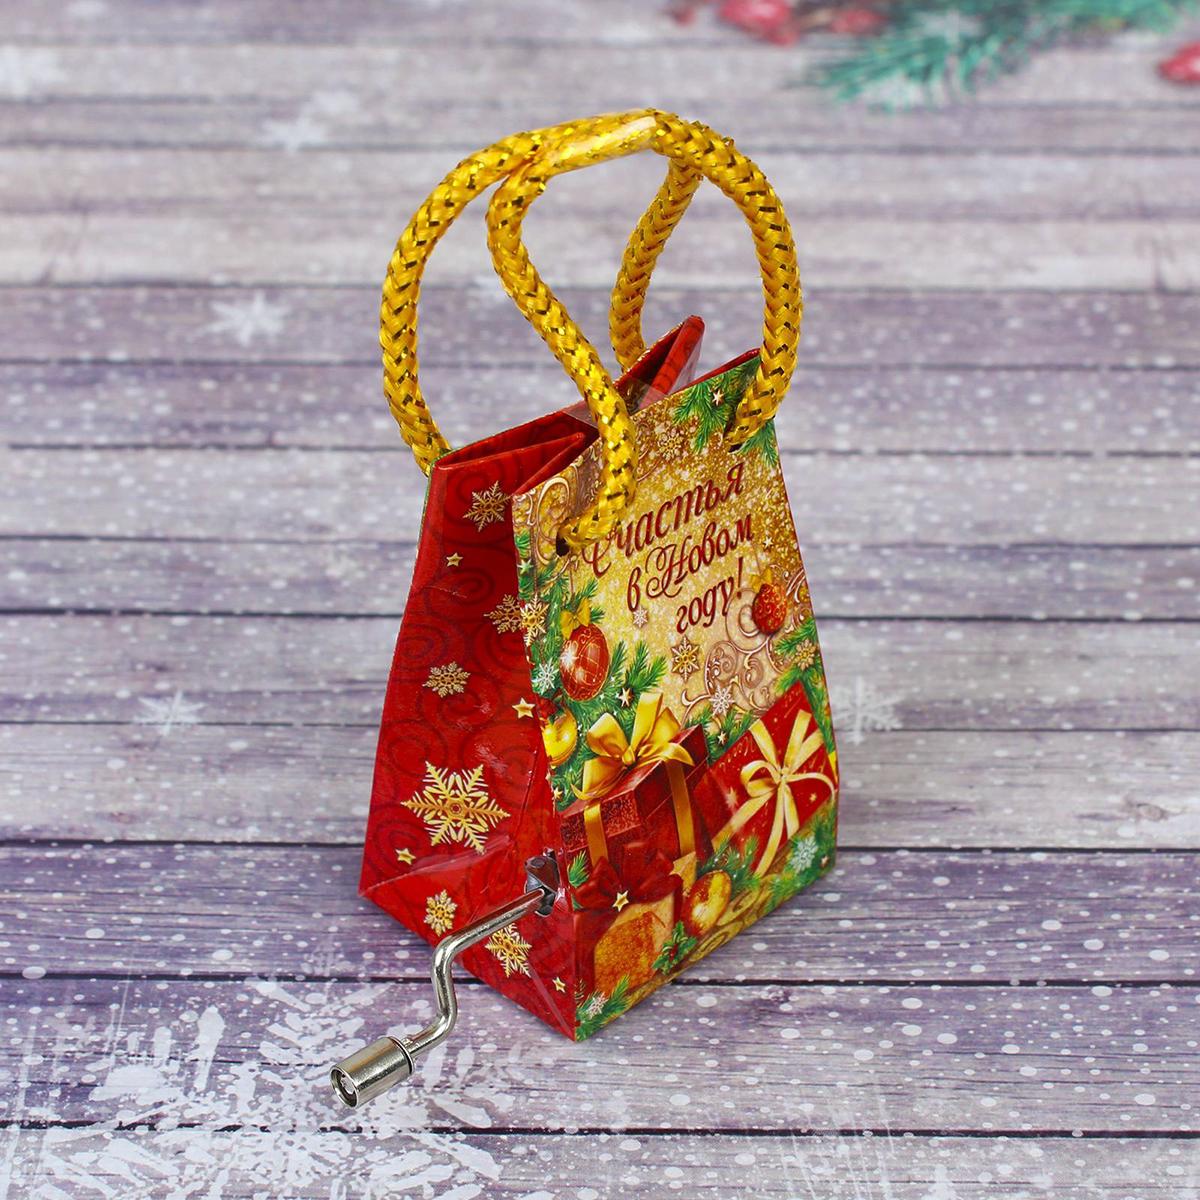 Шкатулка праздничная Подарки, музыкальная2439757Музыкальная шкатулка - совершенно особый предмет интерьера. Она способна поднять настроение, отвлечь от утомительных мыслей, подарить улыбку. Льющаяся из нее мелодия вызовет желание напеть знакомый мотив или даже сделать несколько танцевальных па. Такой аксессуар - необычное украшение интерьера и замечательный вариант подарка на день рождения, Новый год, 14 февраля или другой праздник. Порадуйте себя и своих близких этим милым предметом!